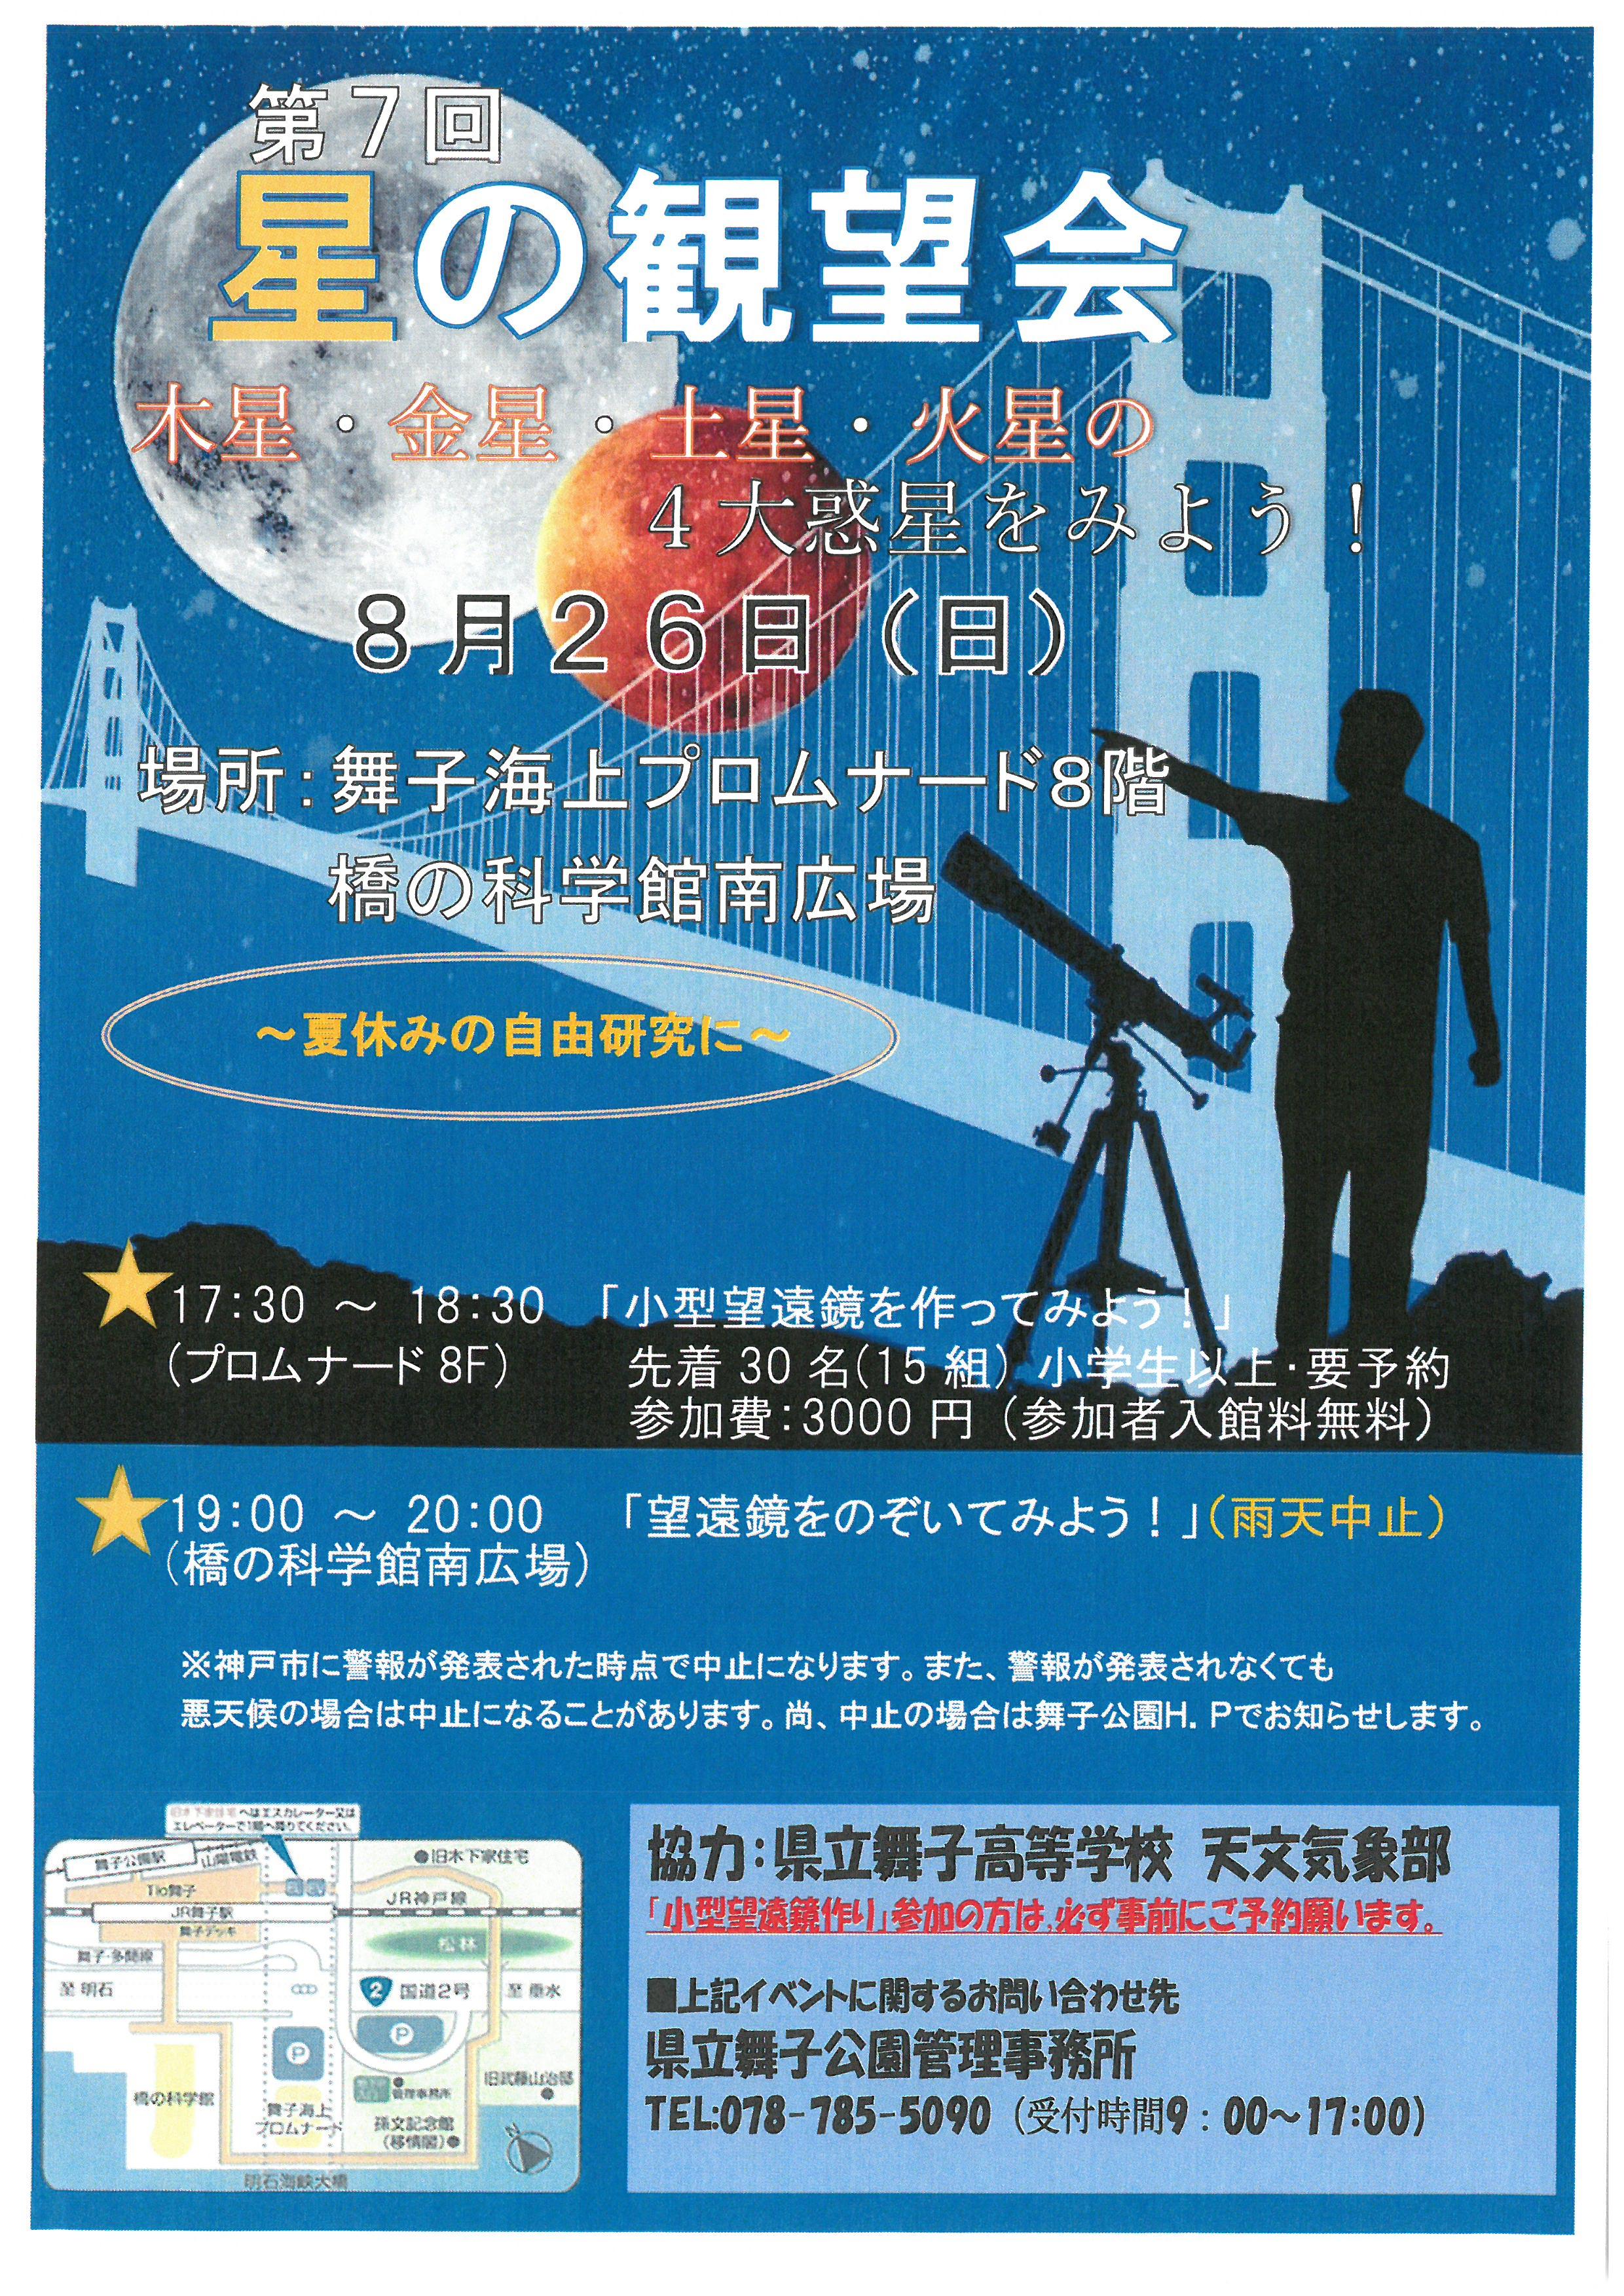 8/26(日)「第7回星の観望会」開催のアイキャッチ